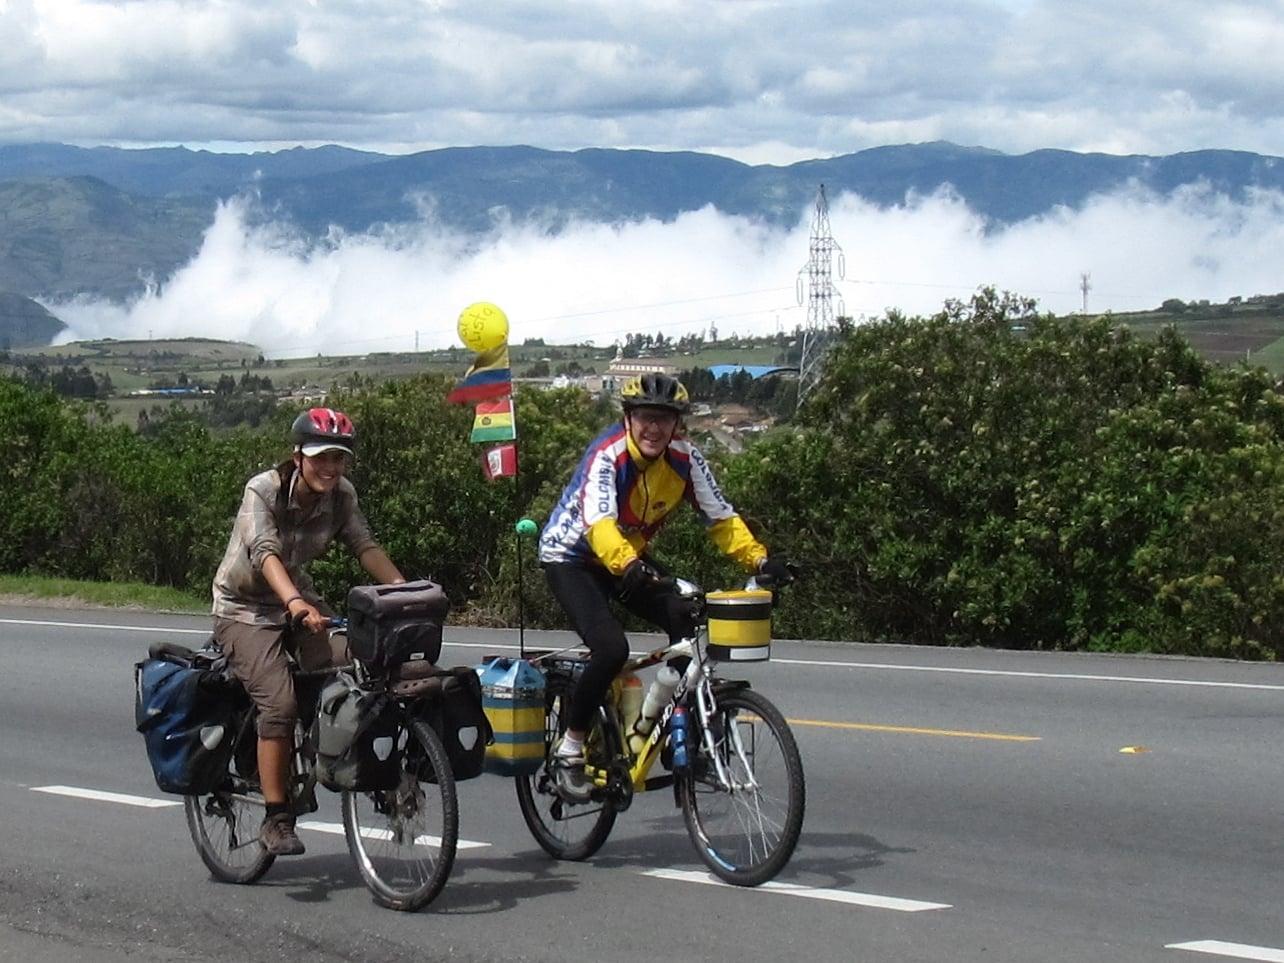 Carlos picks us up on his bike!